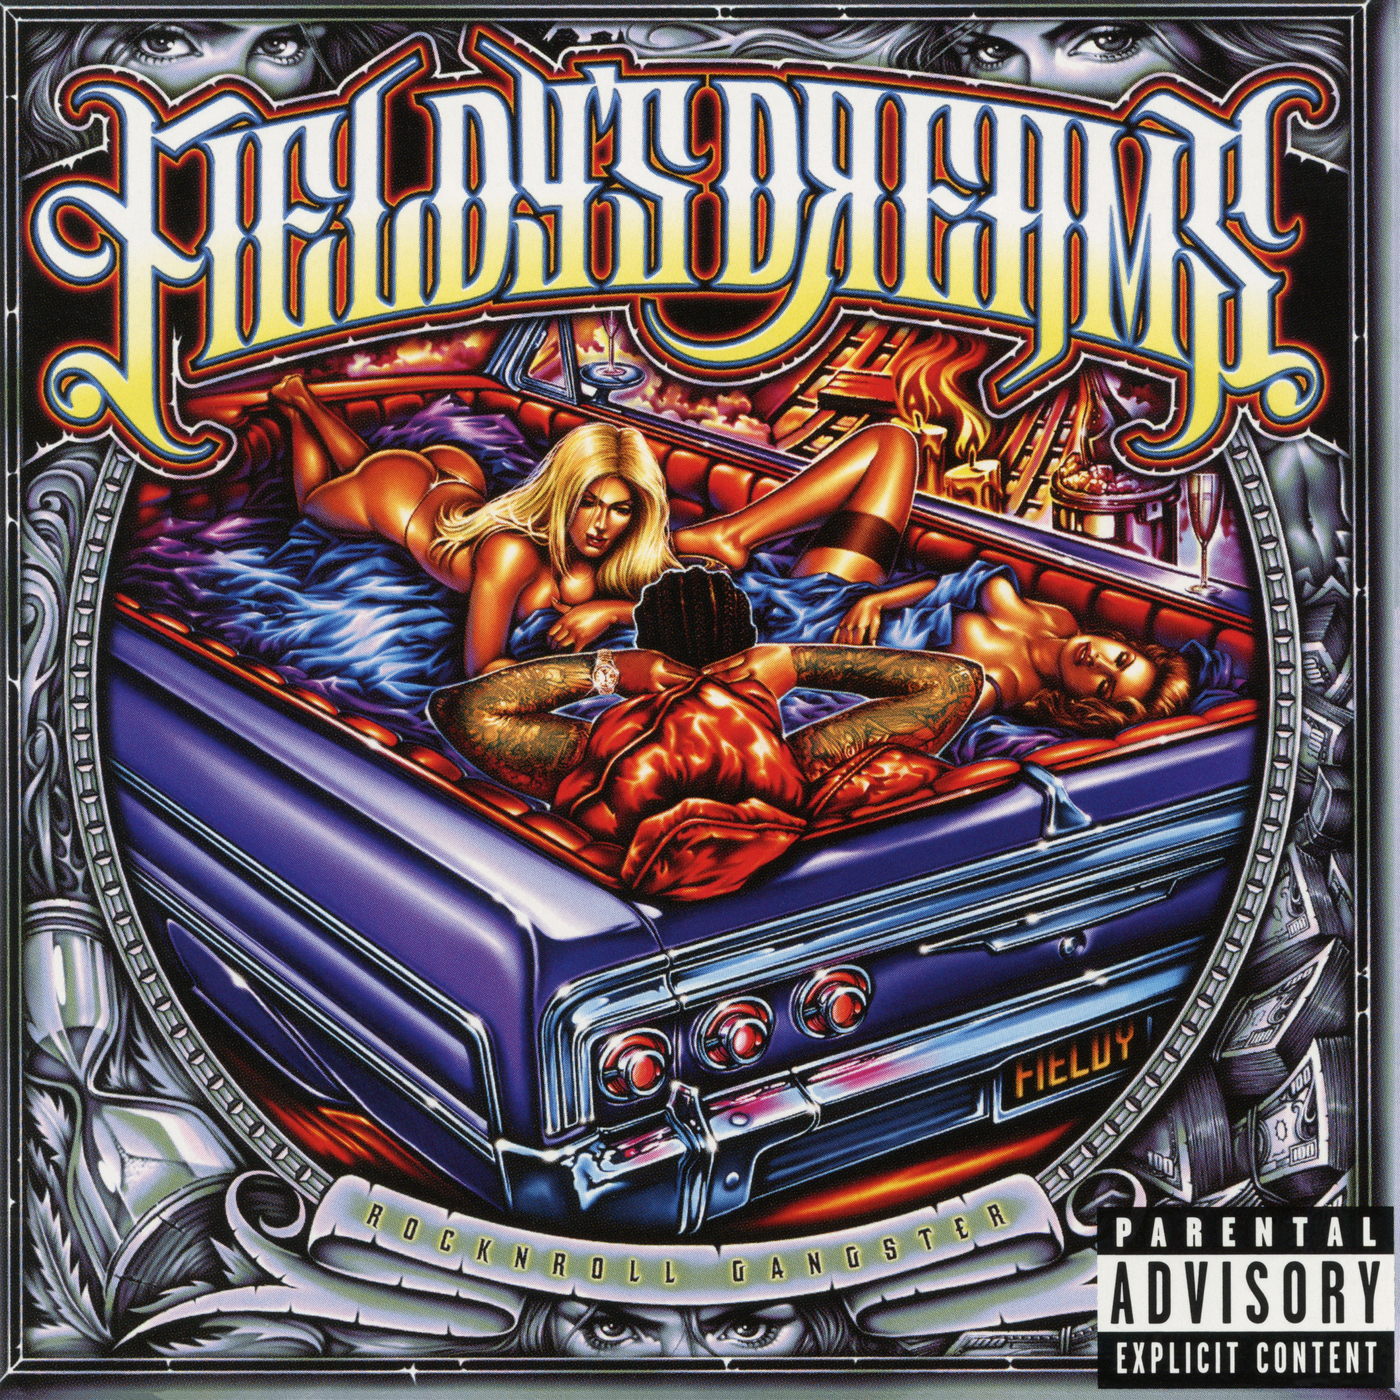 Rock n Roll Gangster - Fieldy's Dreams